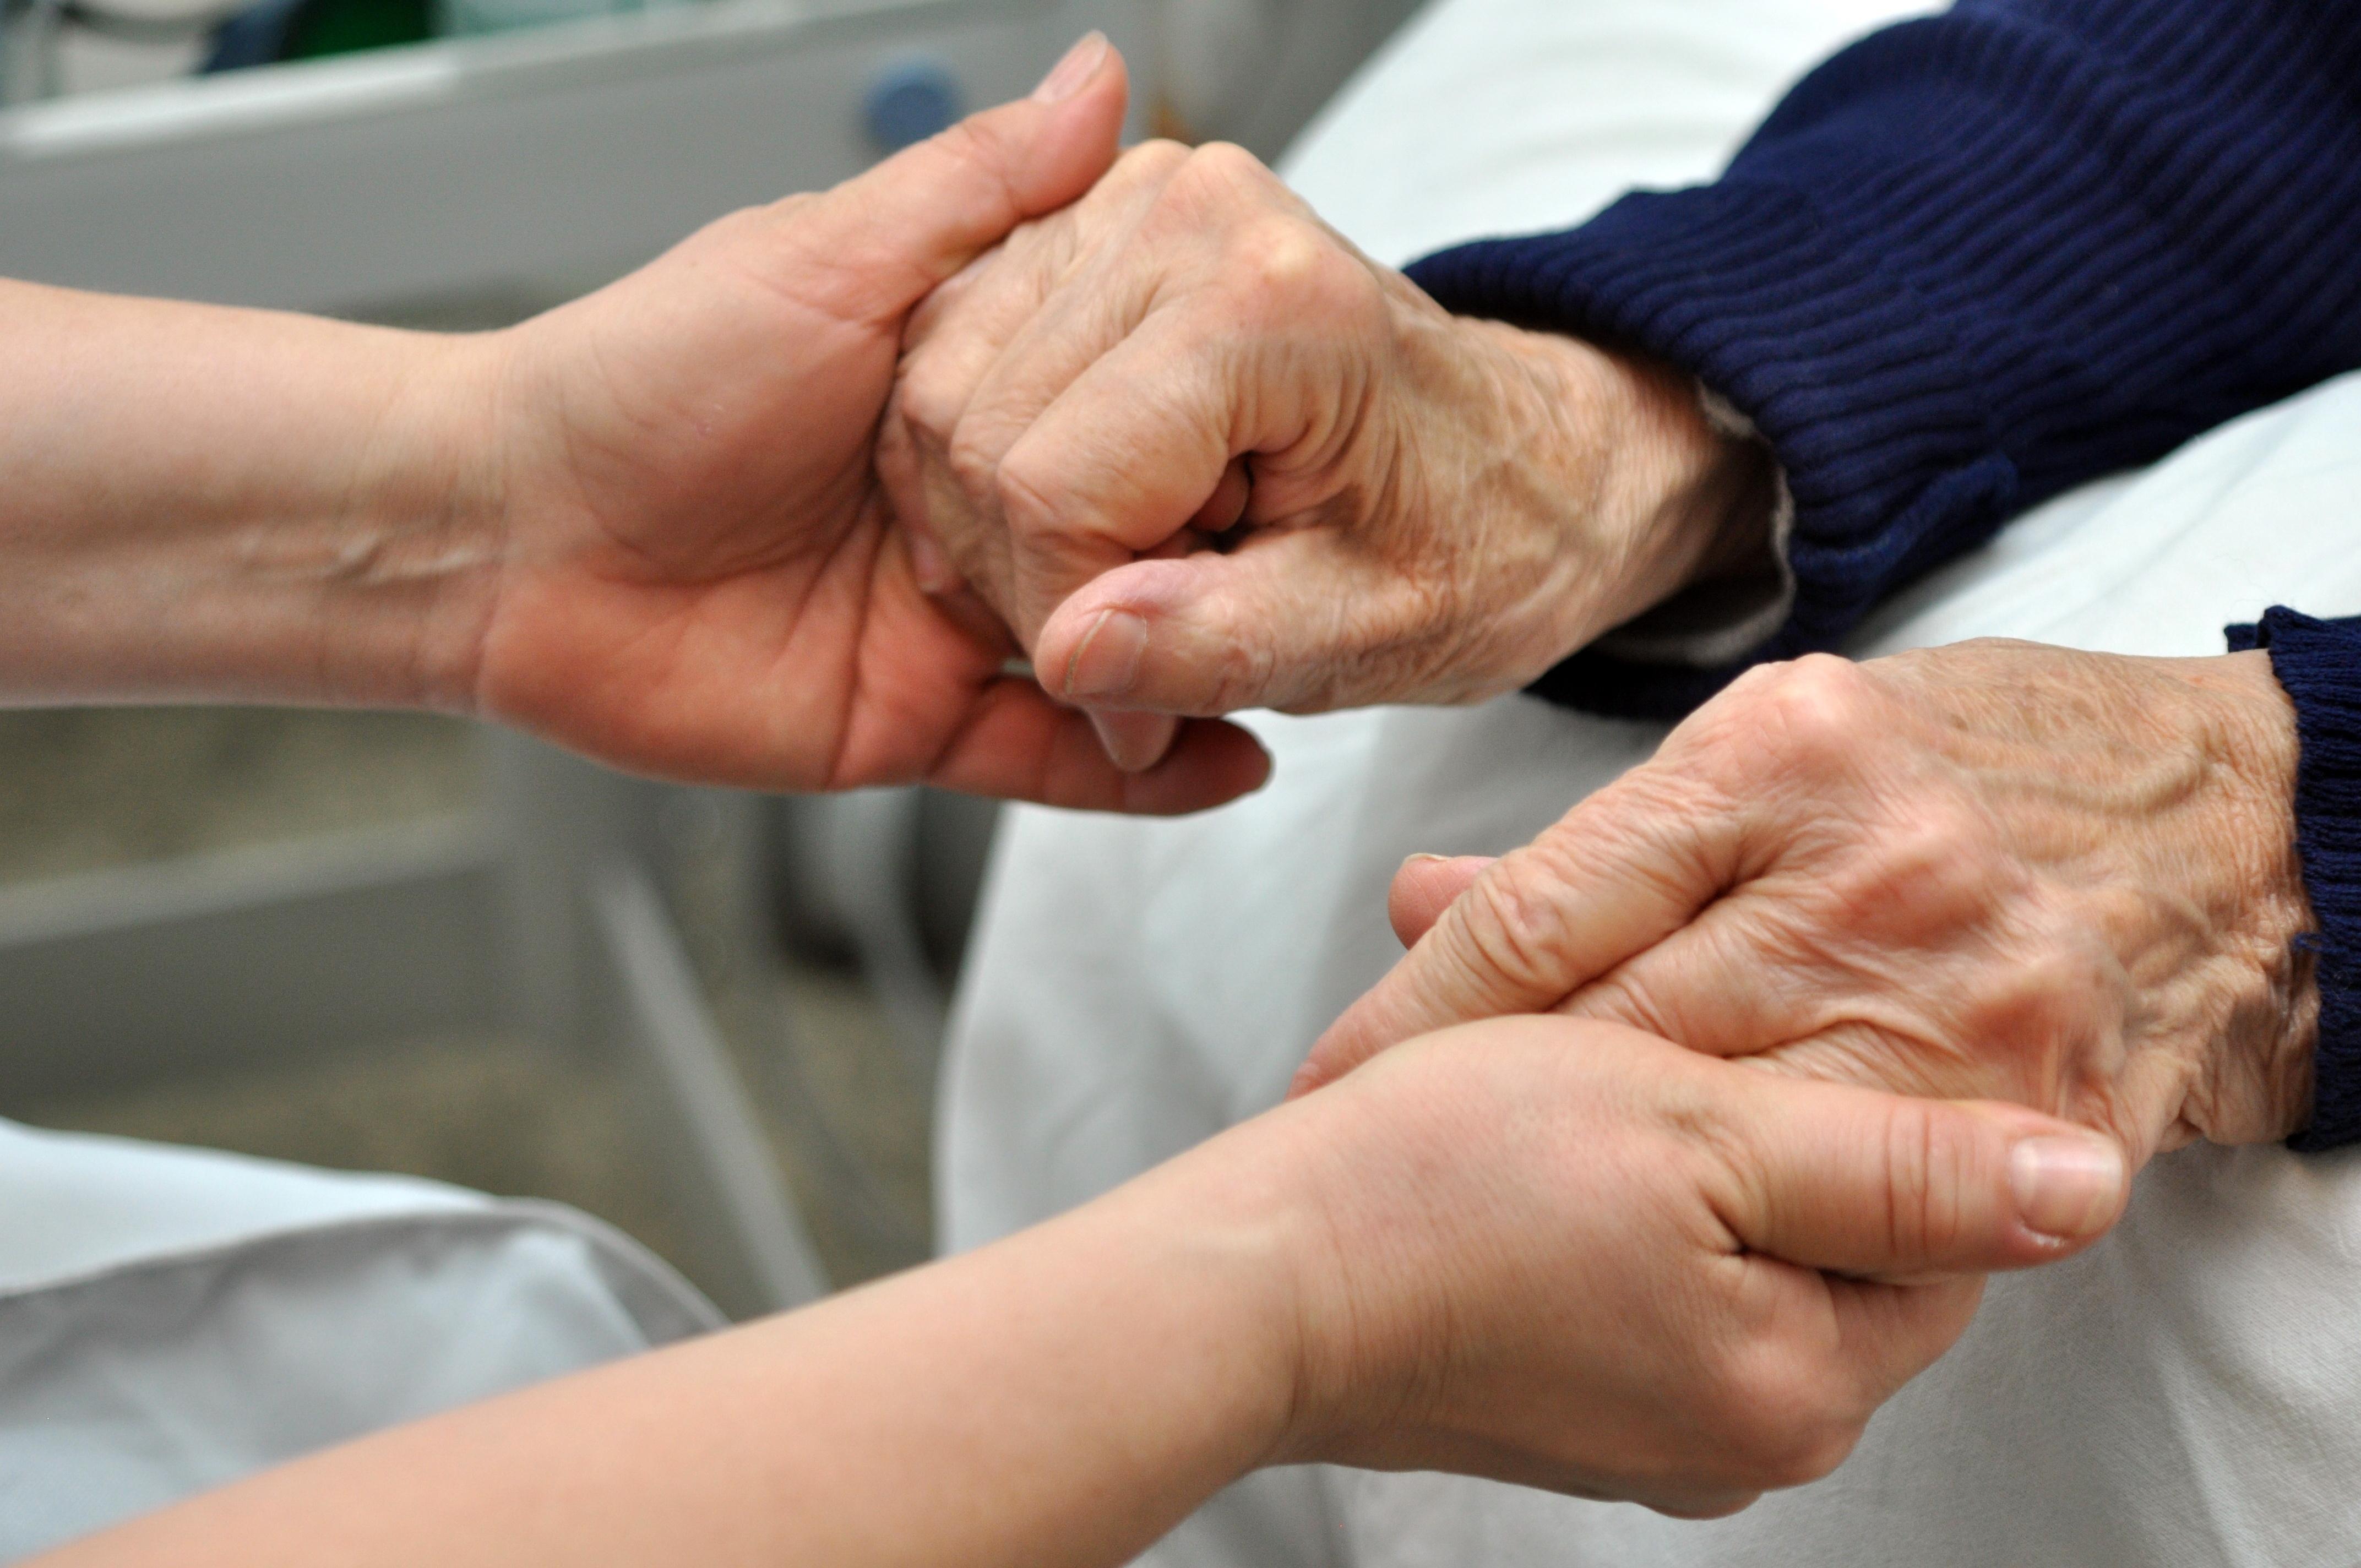 ældre hjælp hænder hjemmehjælp indlagt